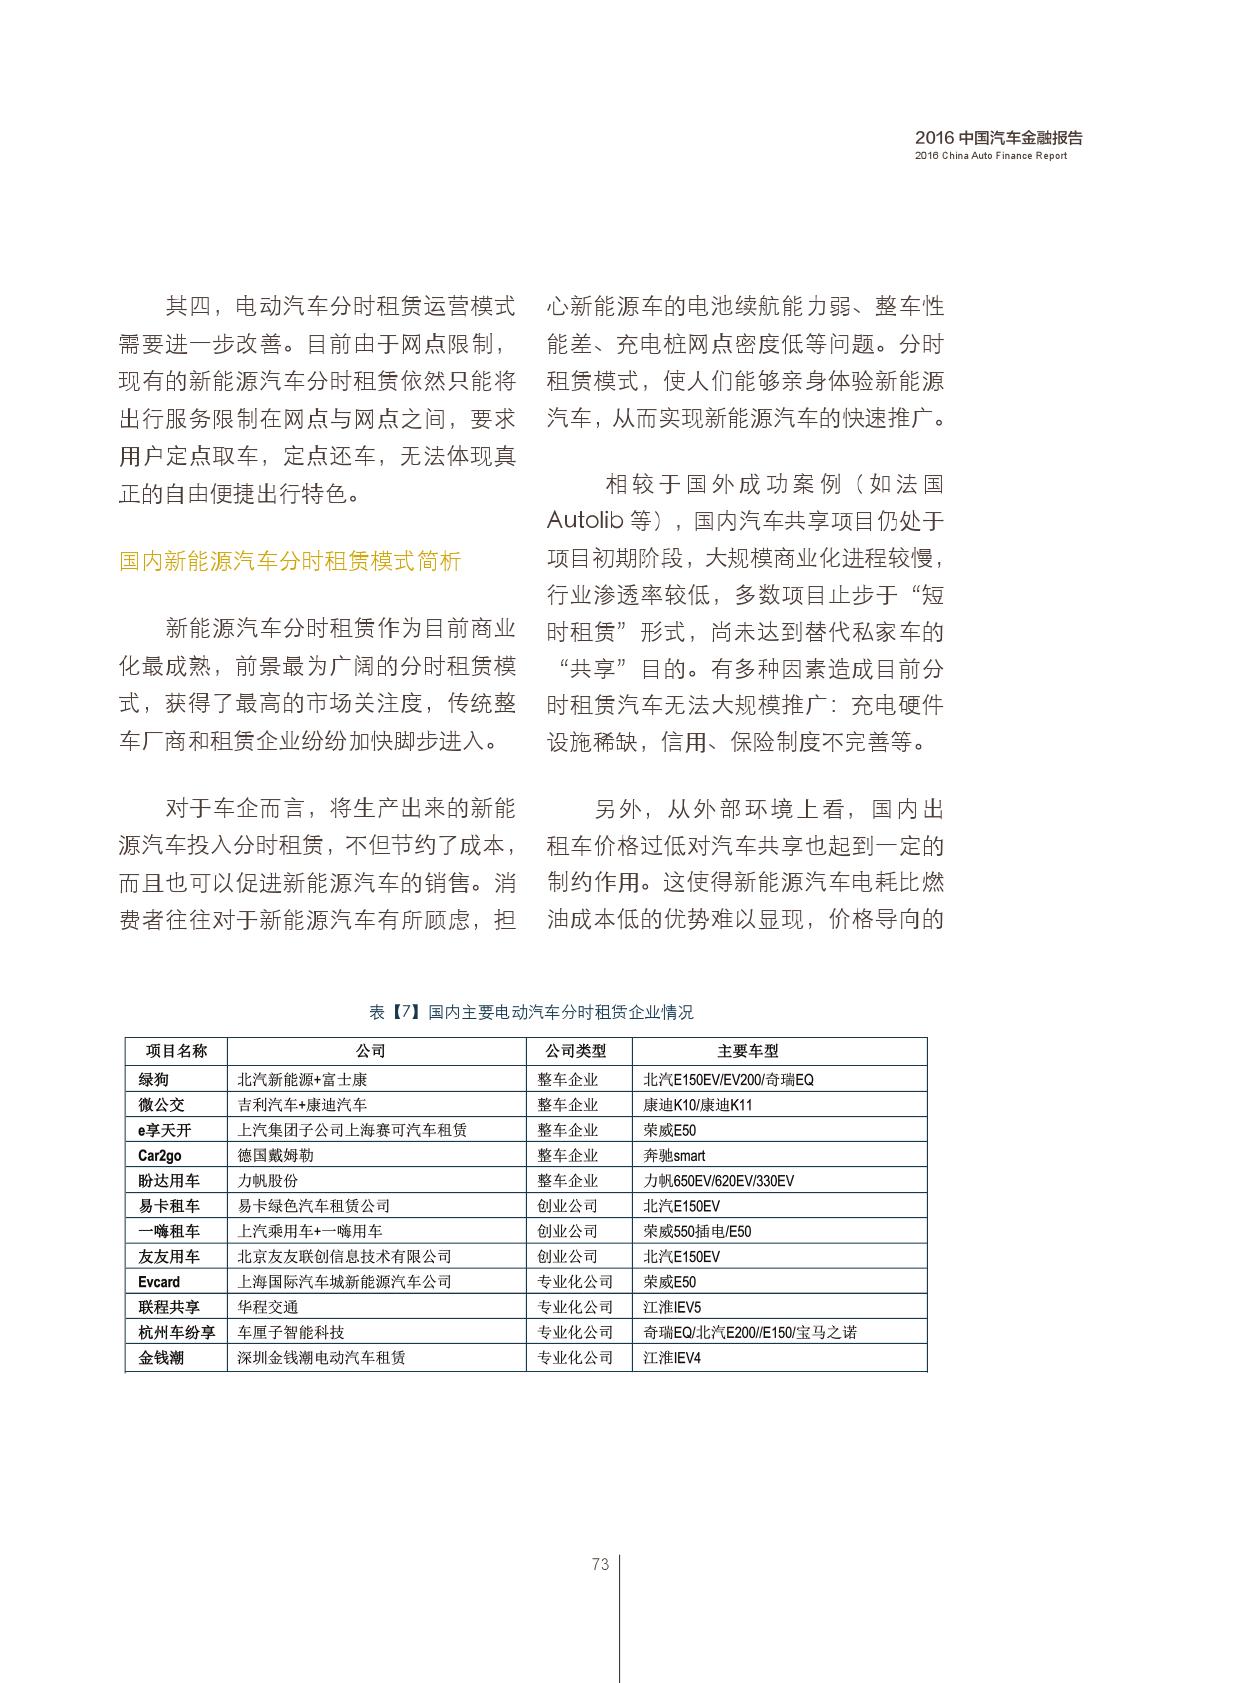 2016中国汽车金融报告_000074